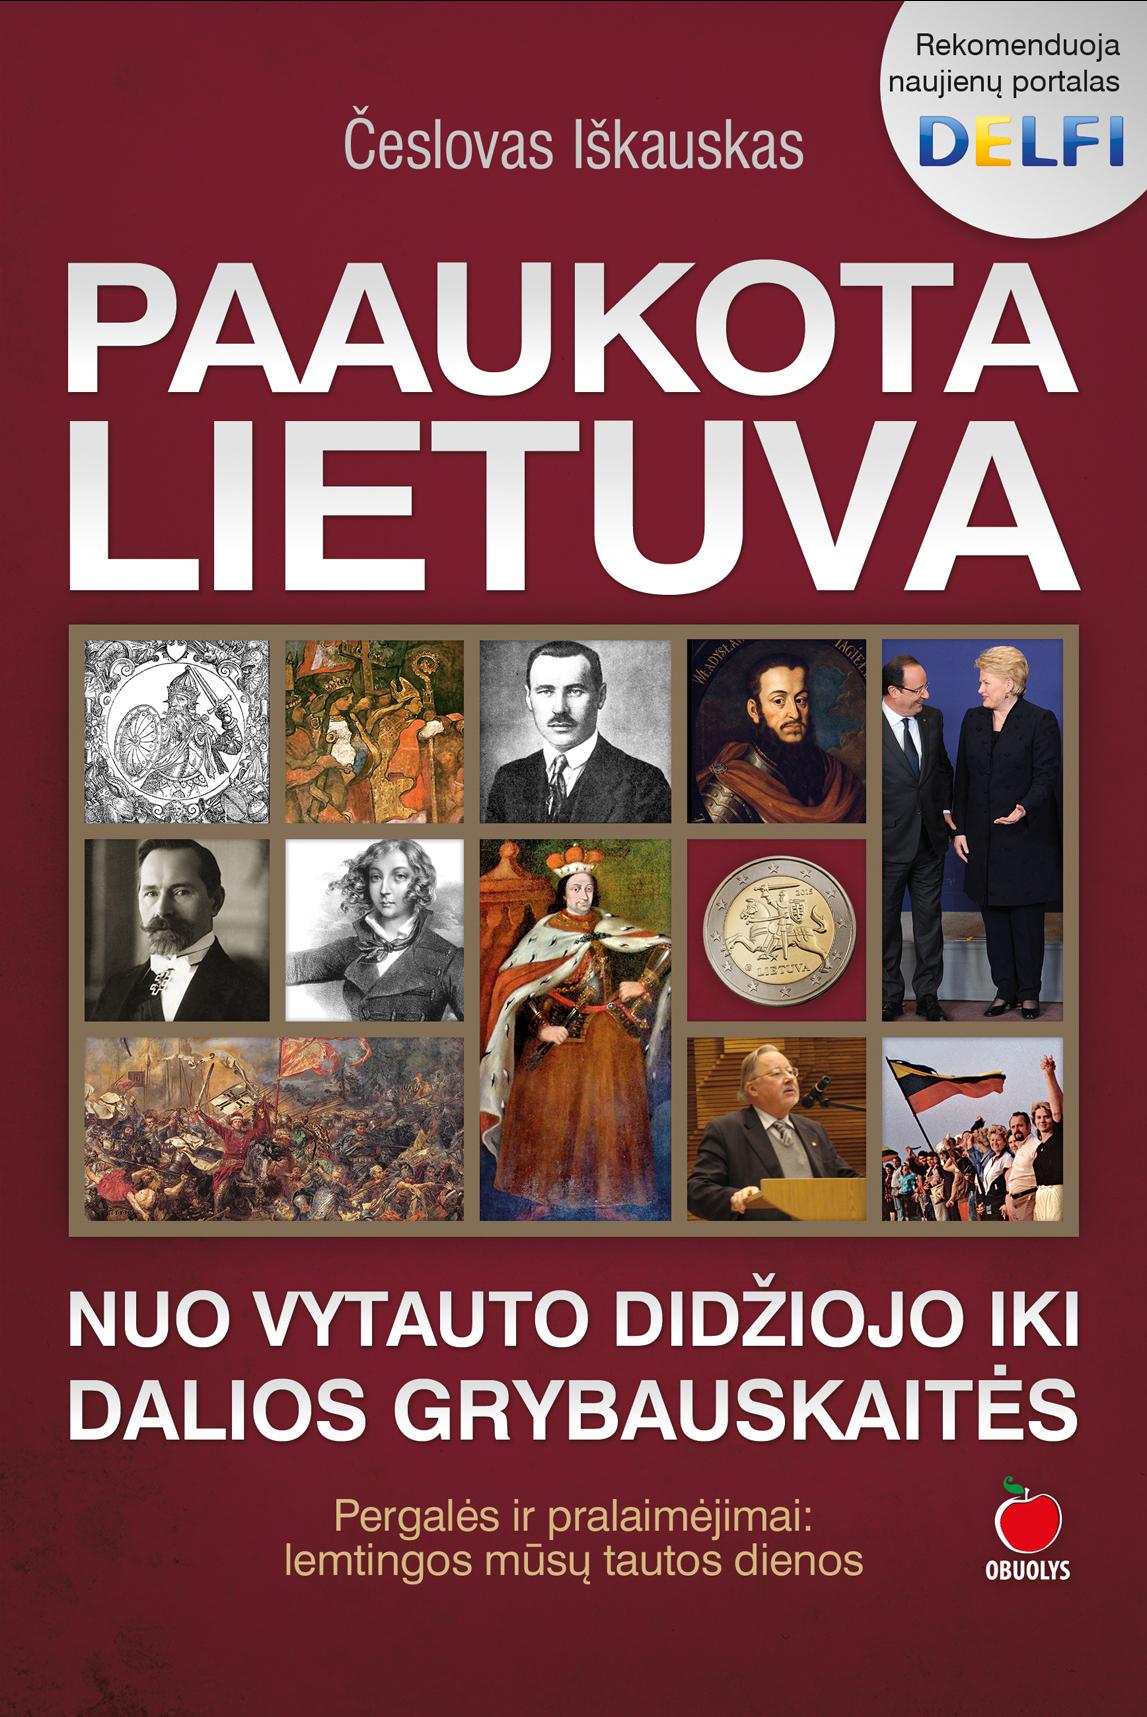 Paaukota_Lietuva_Nuo_Vytauto_iki_Grybauskaites_virselis_2D